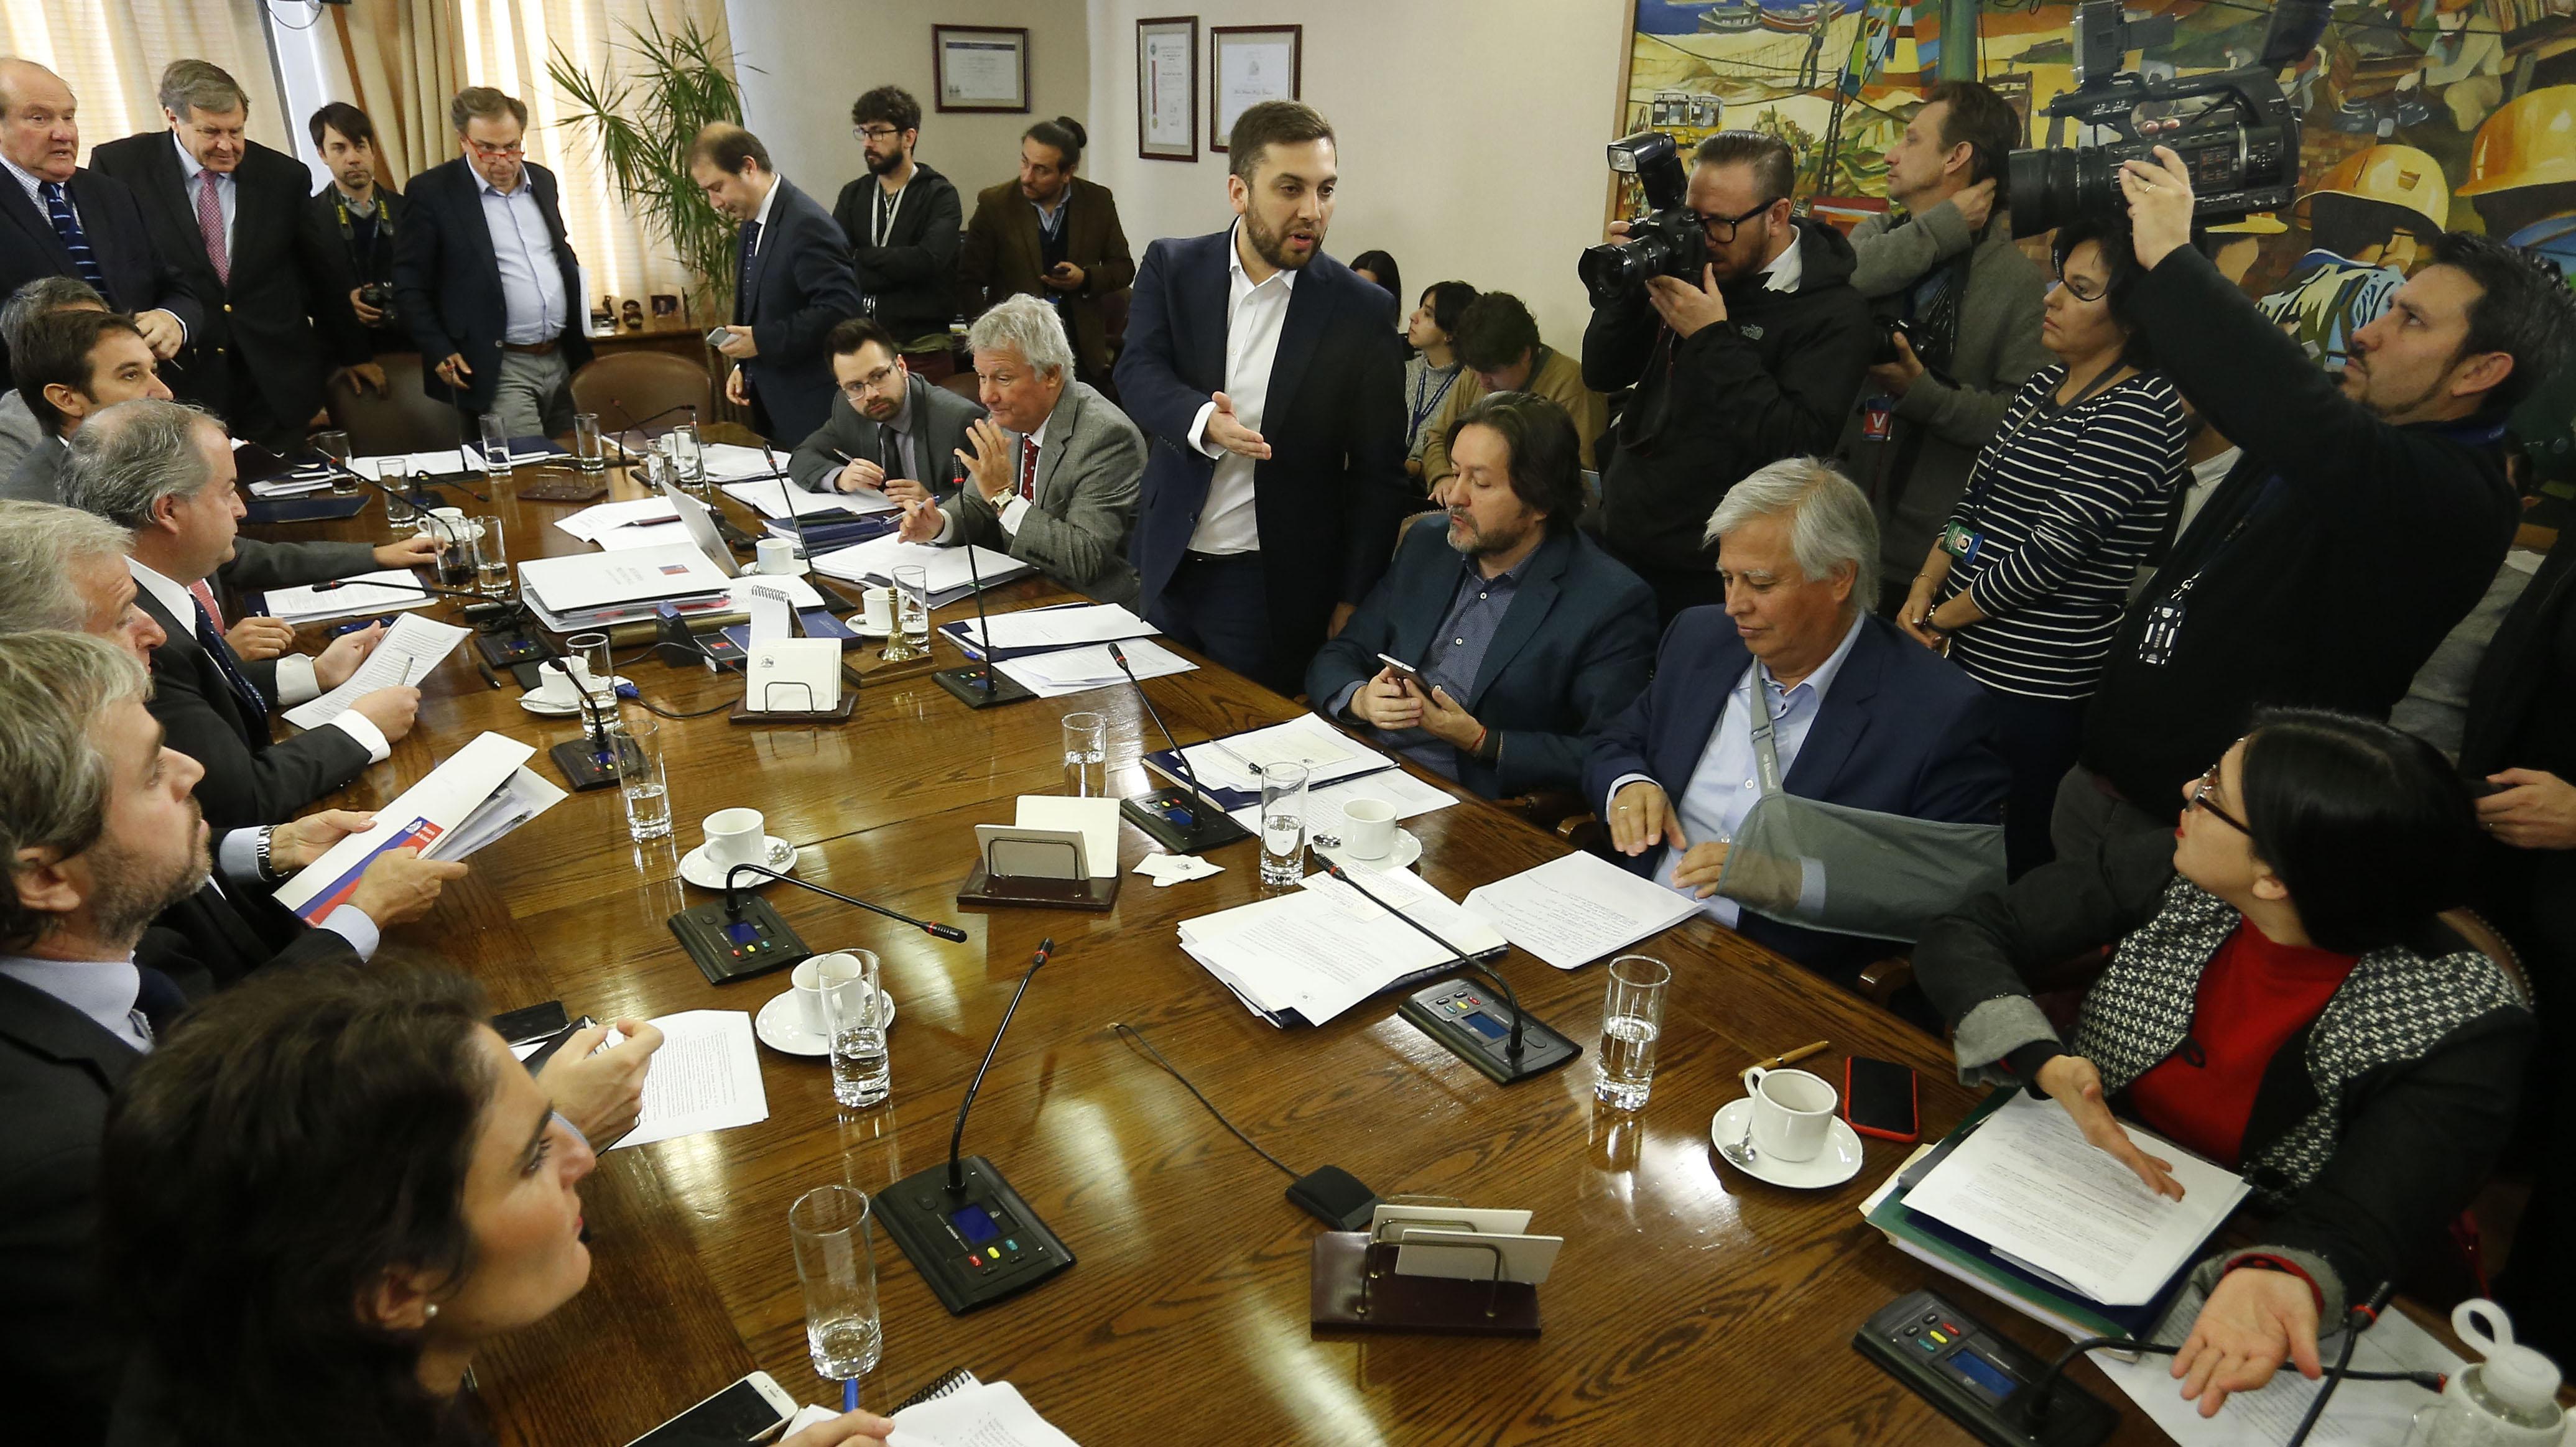 La compleja jornada que vivió la reforma previsional en la Cámara y que tensionó a la oposición